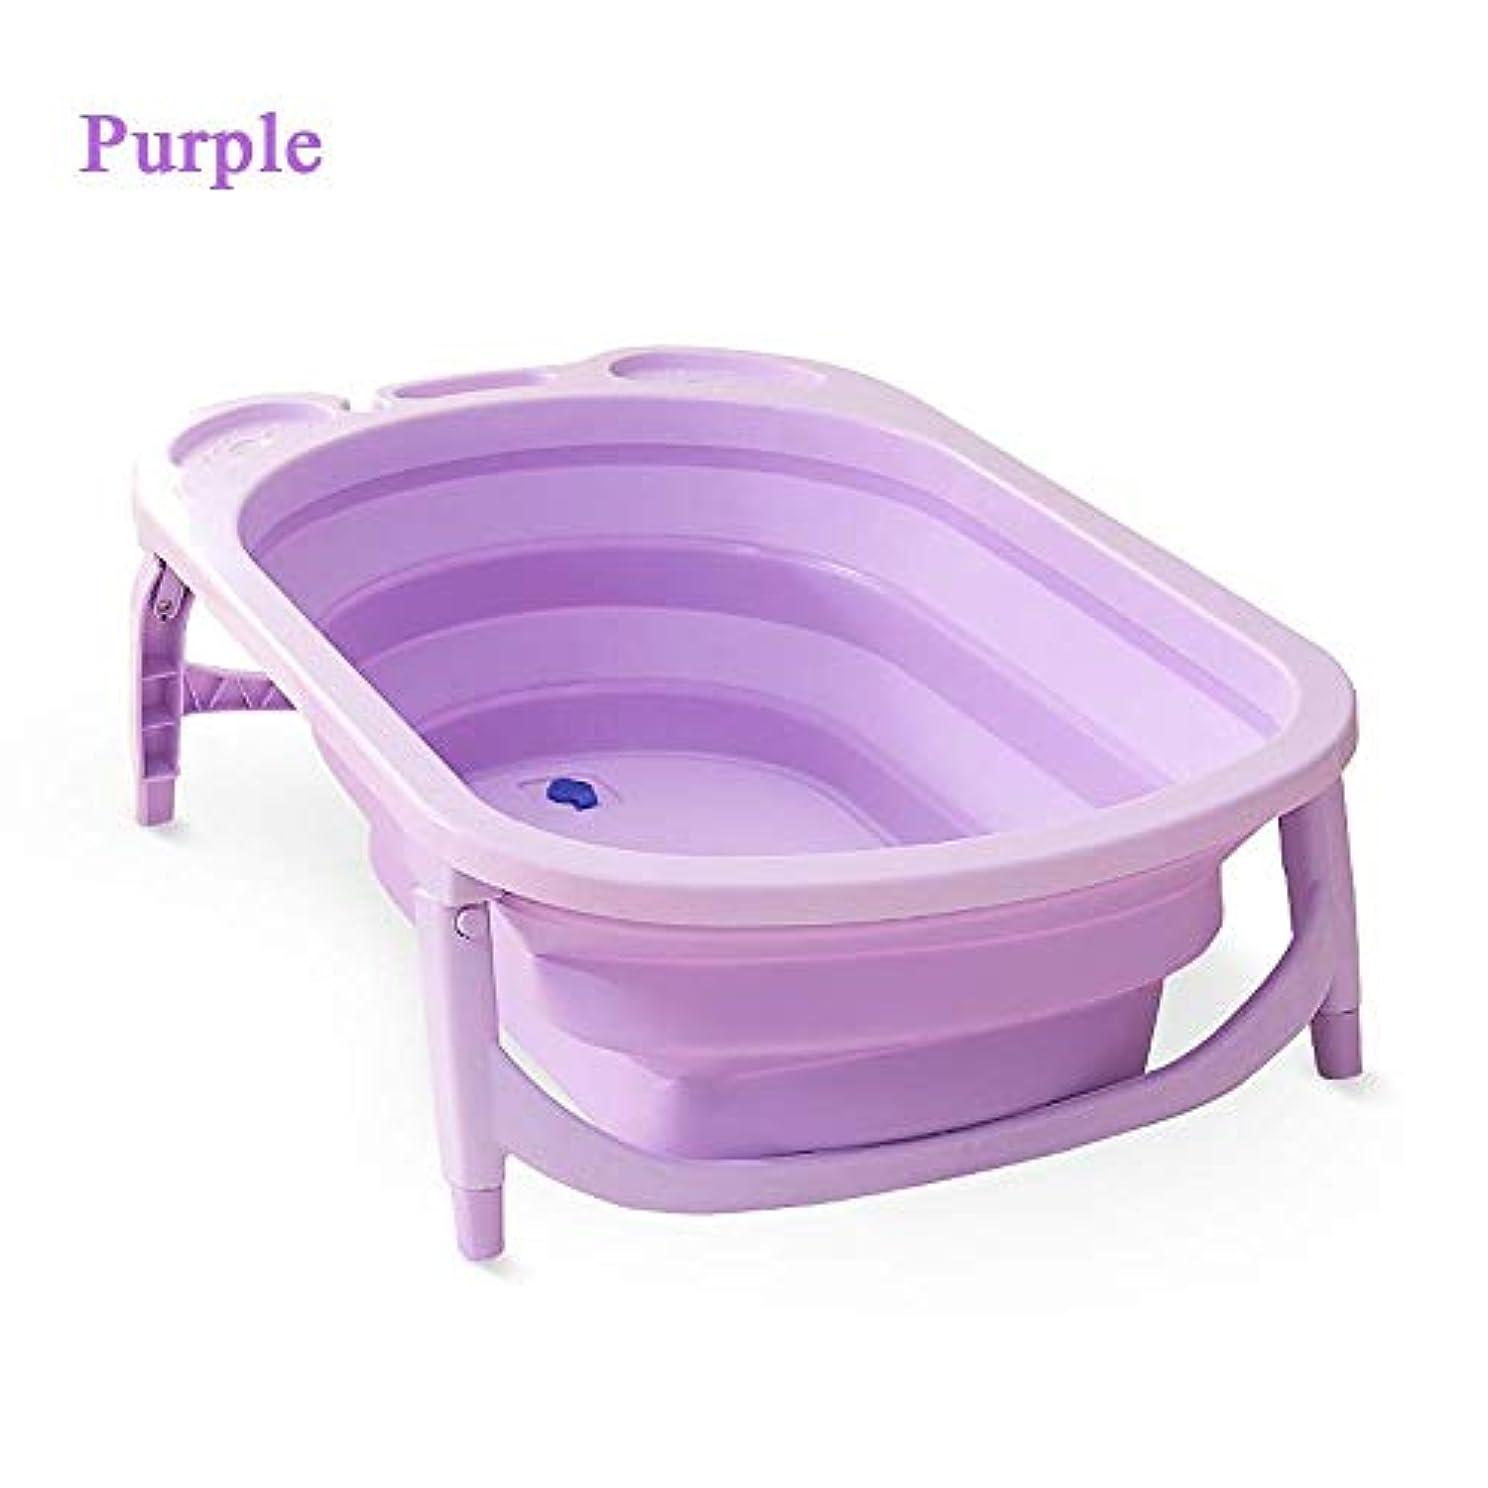 発表する部分的に中級折りたたみ浴槽、滑り止めポータブル折りたたみ式ベビーバス浴槽シャワーの洗面台折りたたみ式バスタブベビーシャワーの洗面台(温度検知付き)0?6歳の子供用 (Color : Purple)